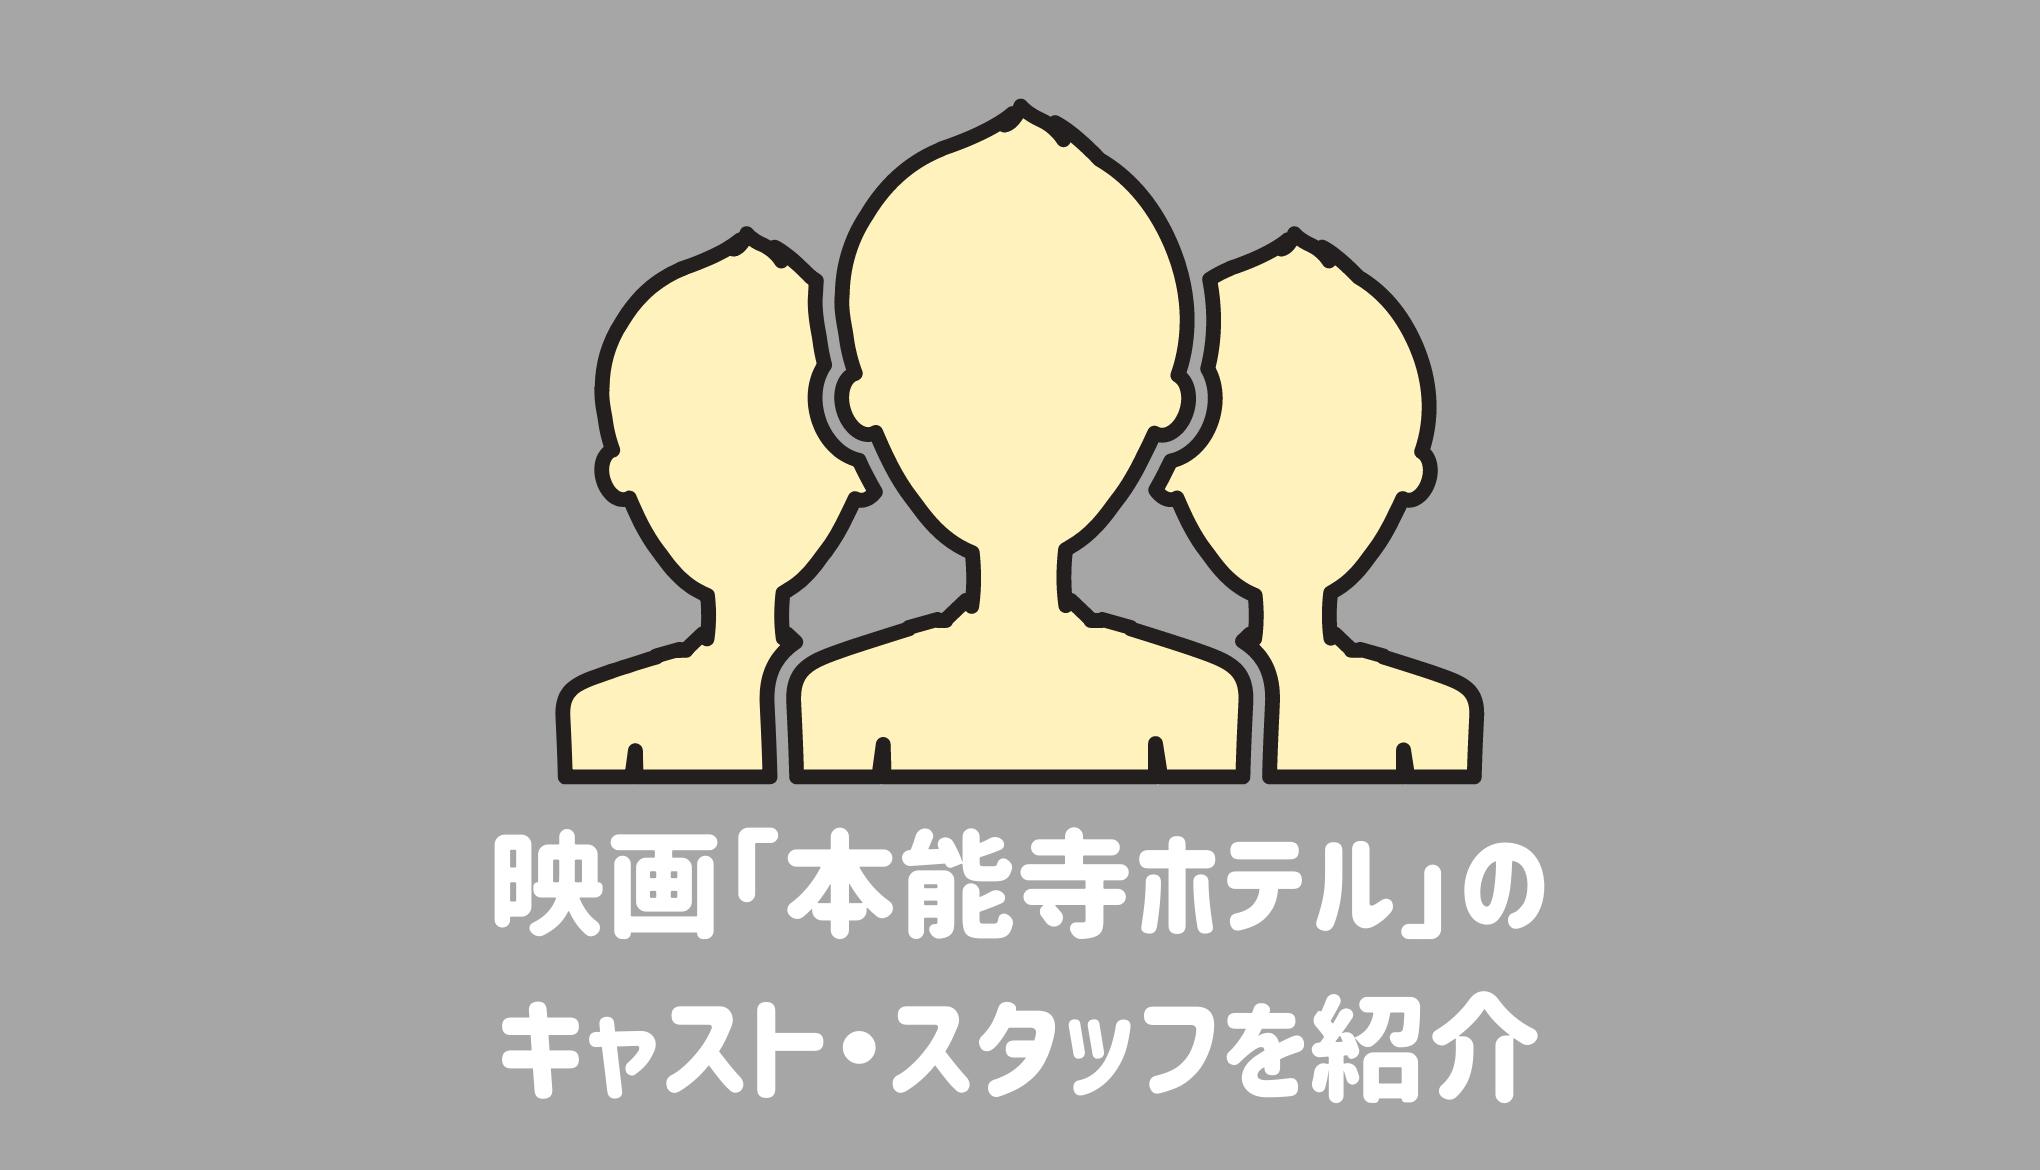 映画「本能寺ホテル」のキャスト・スタッフ